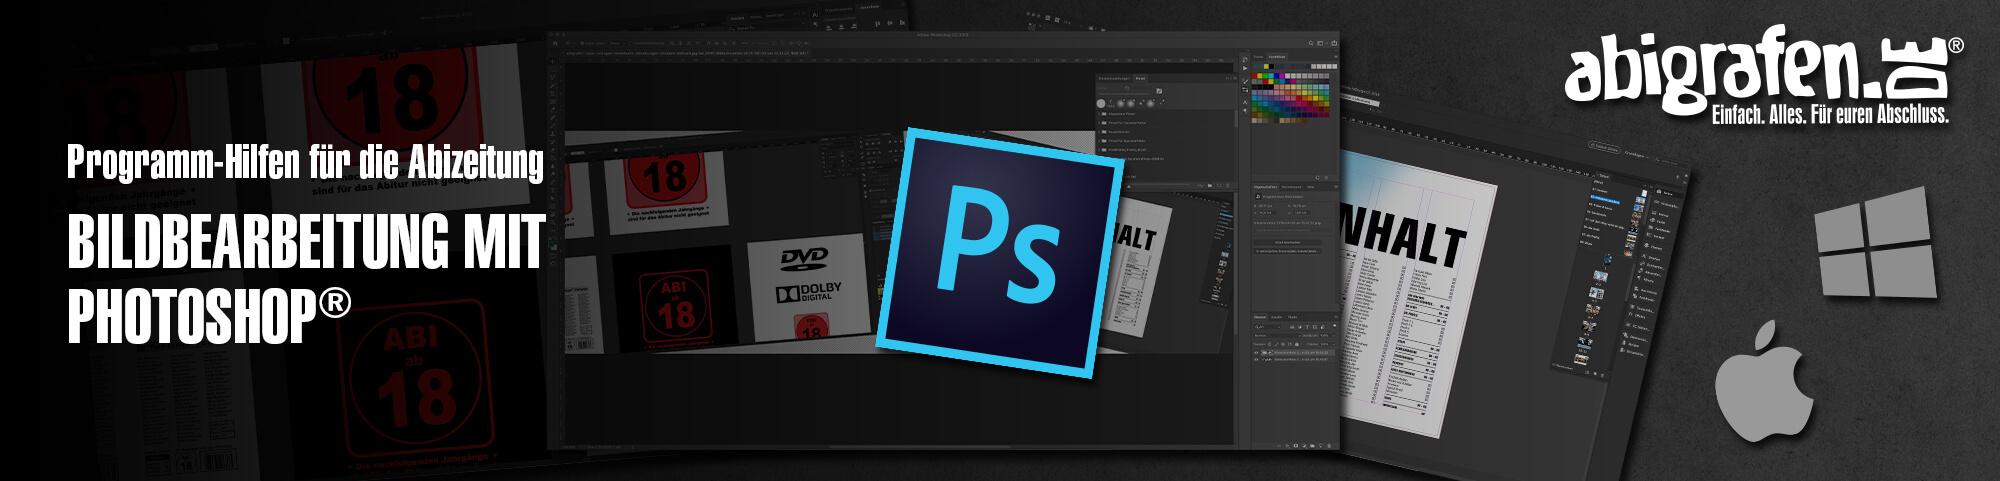 Programmhilfen für die Abizeitung: Bildbearbeitung mit Photoshop® oder; Wie man mit Photoshop® ein Abibuch erstellt